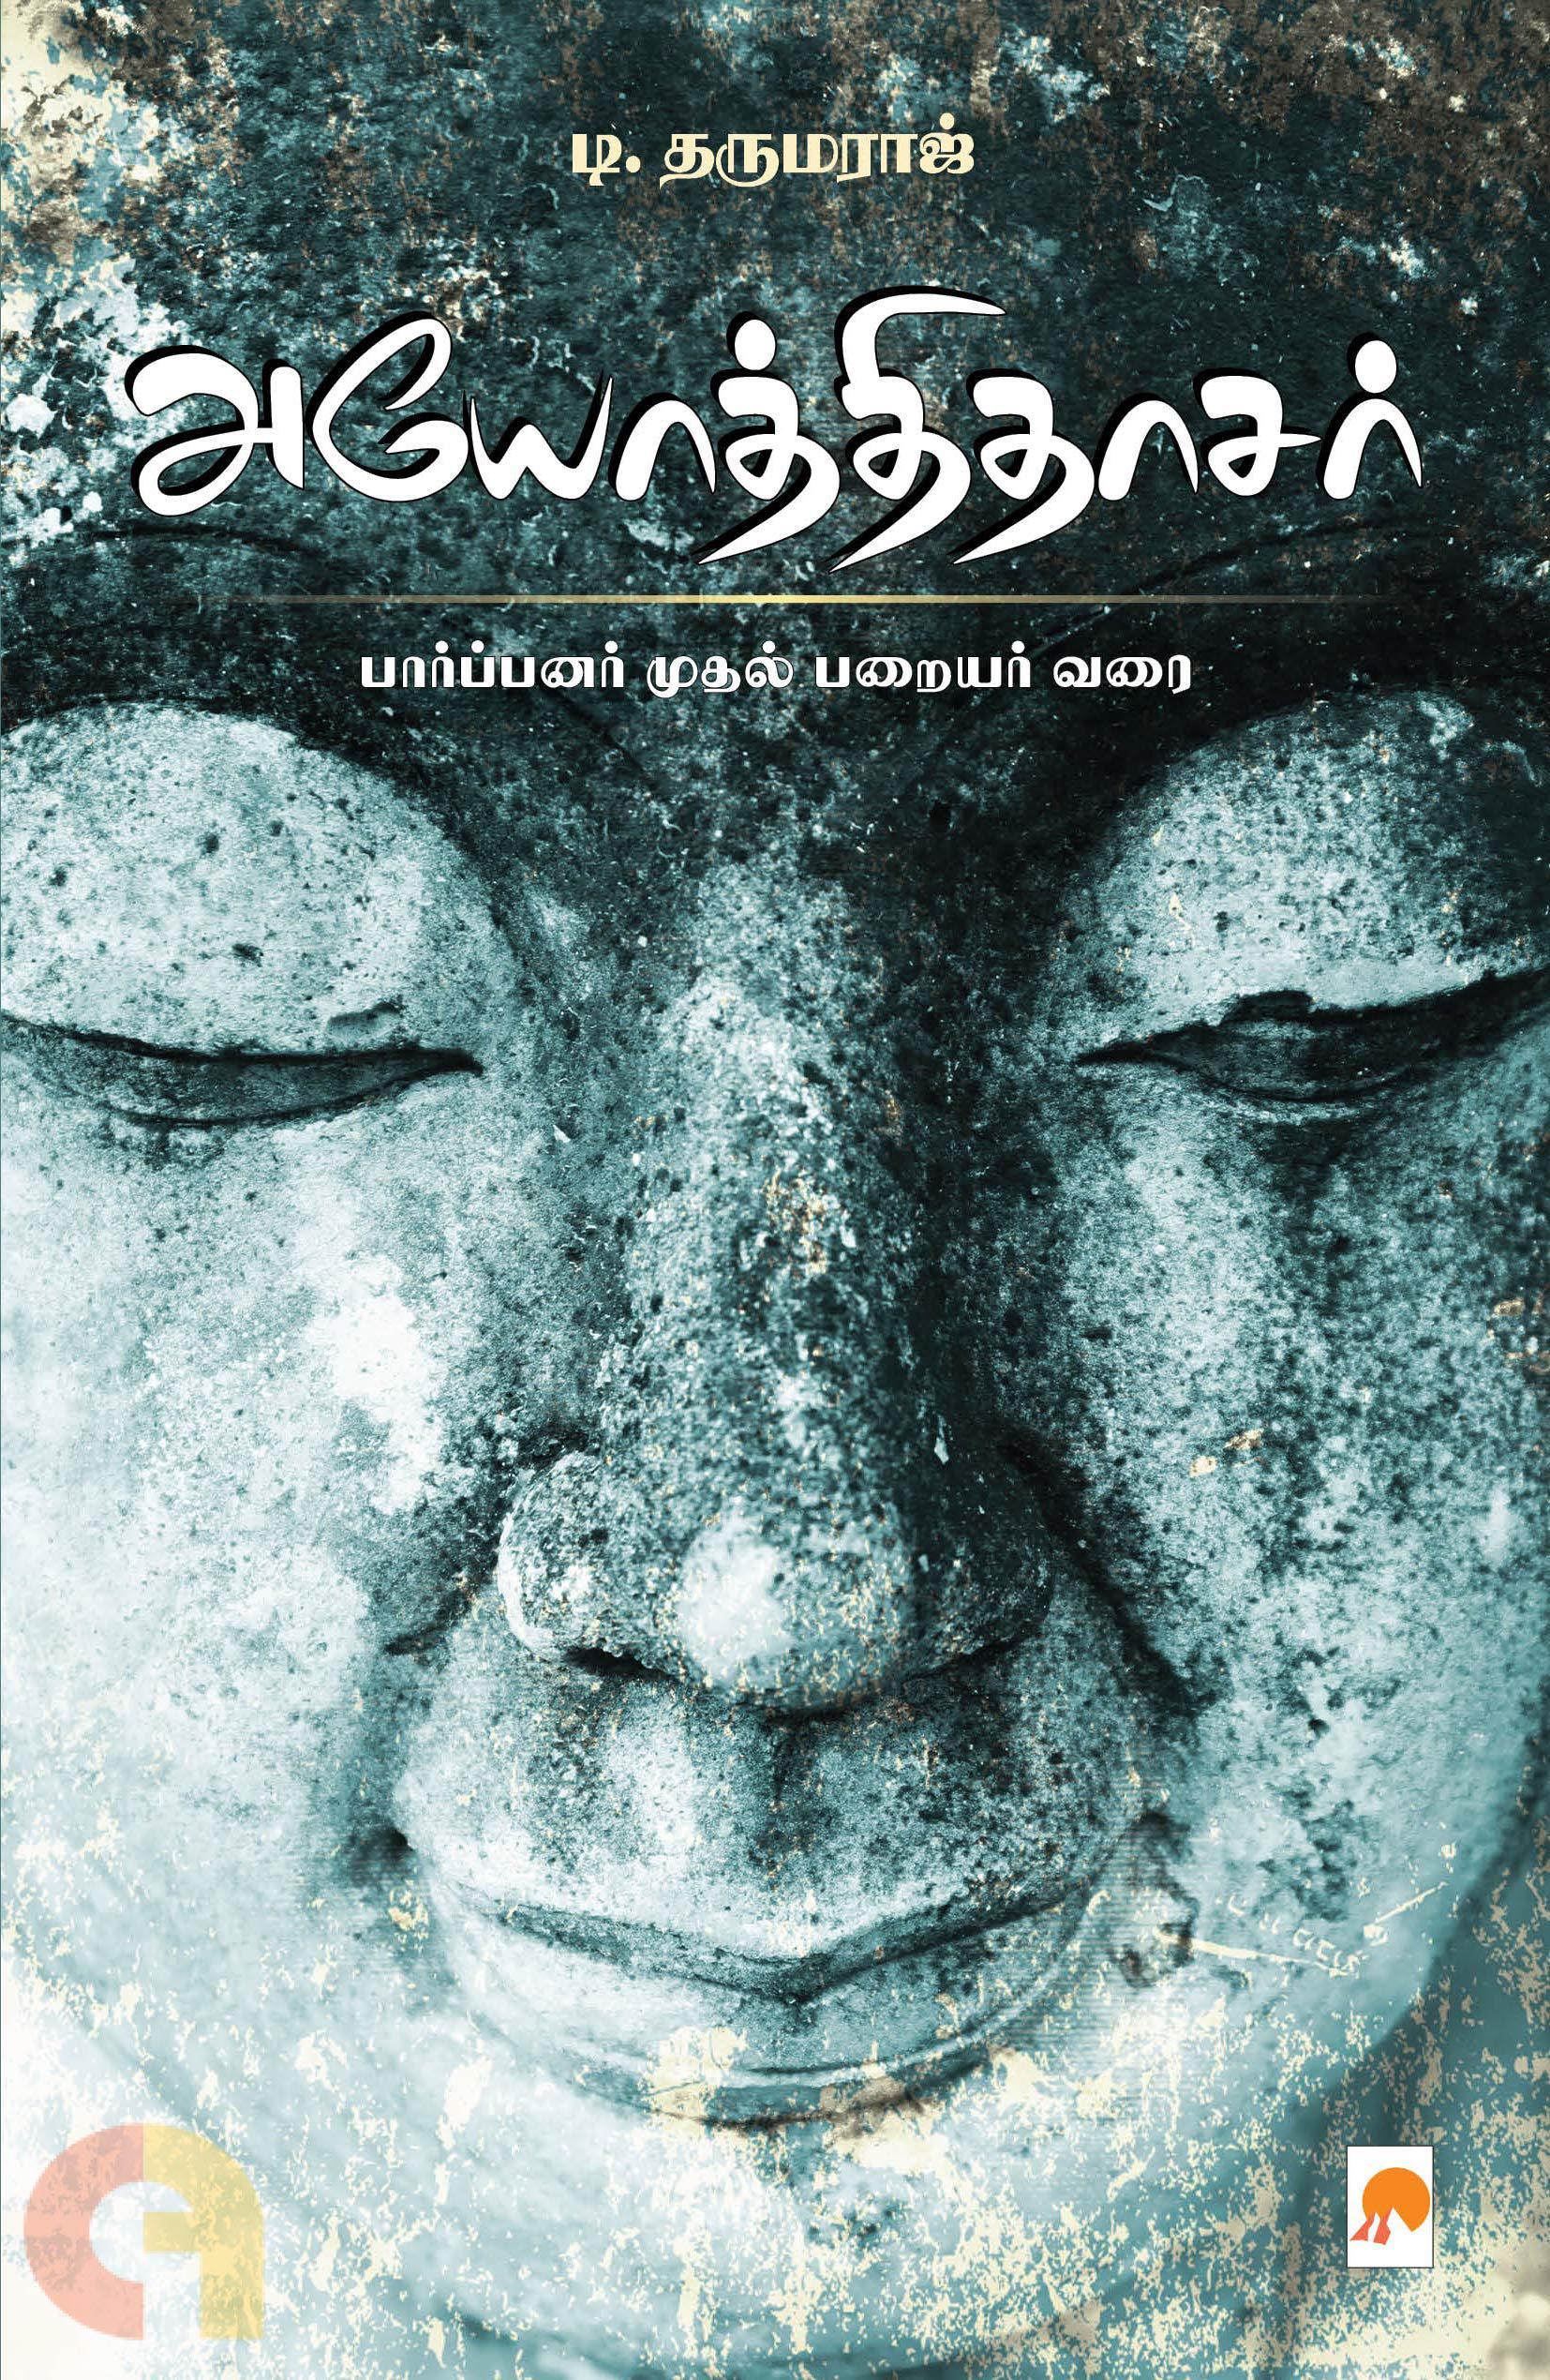 அயோத்திதாசர்: பார்ப்பனர் முதல் பறையர் வரை